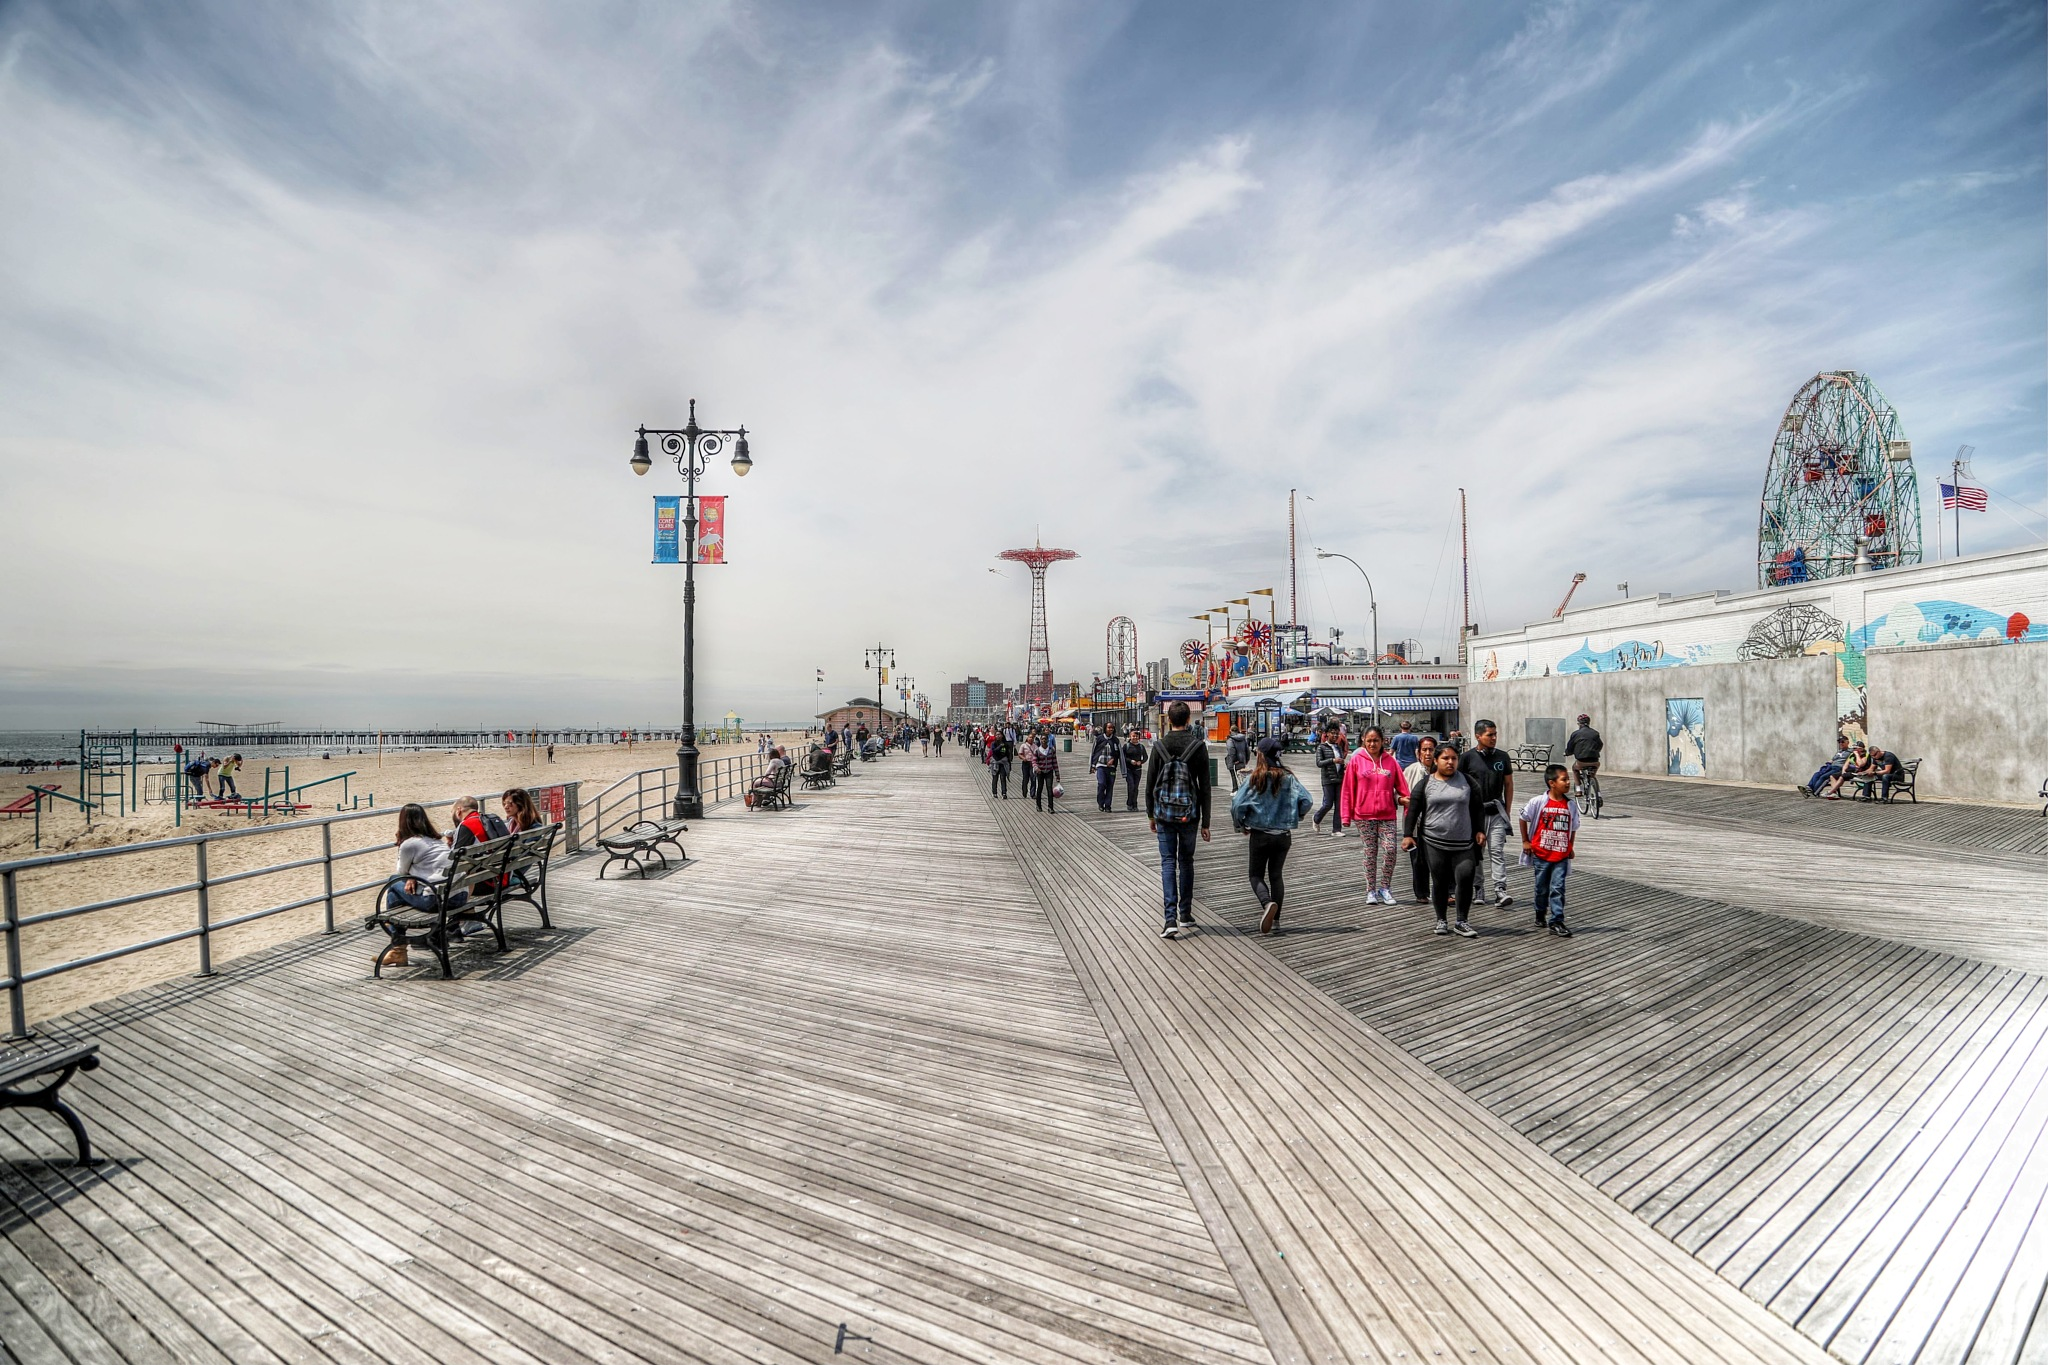 Coney Island Beach by Tawfik W Dajani